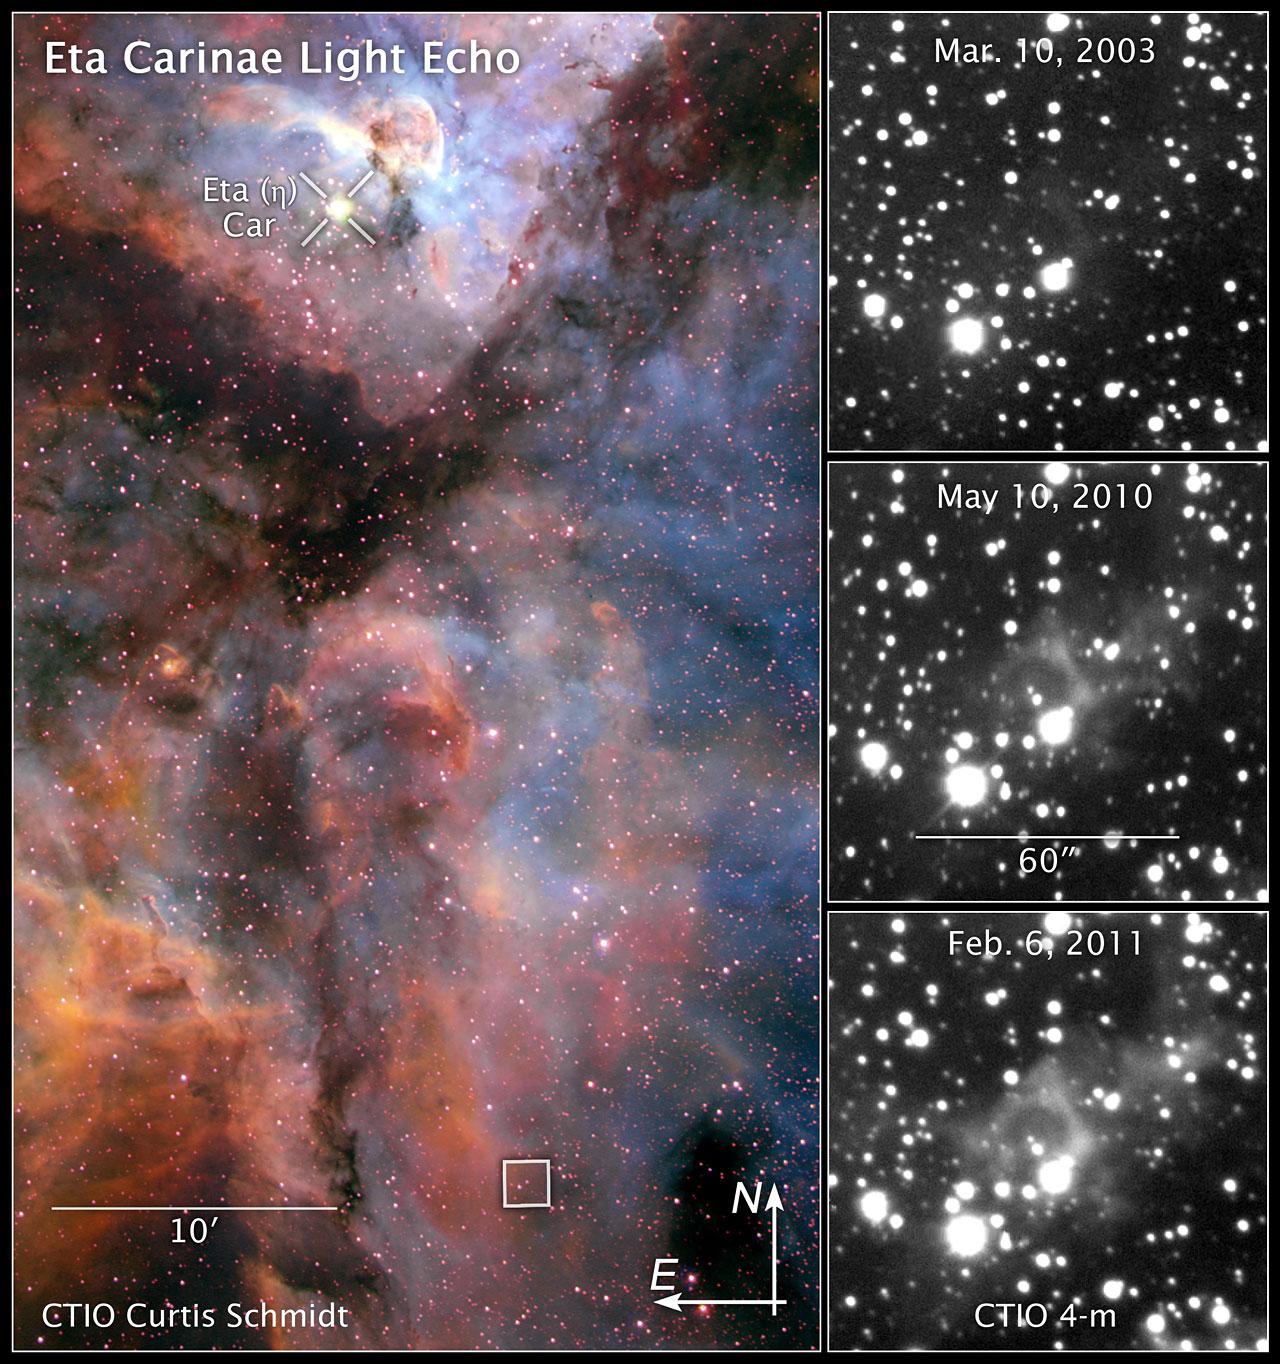 Compass and scale image of Eta Carinae light echo